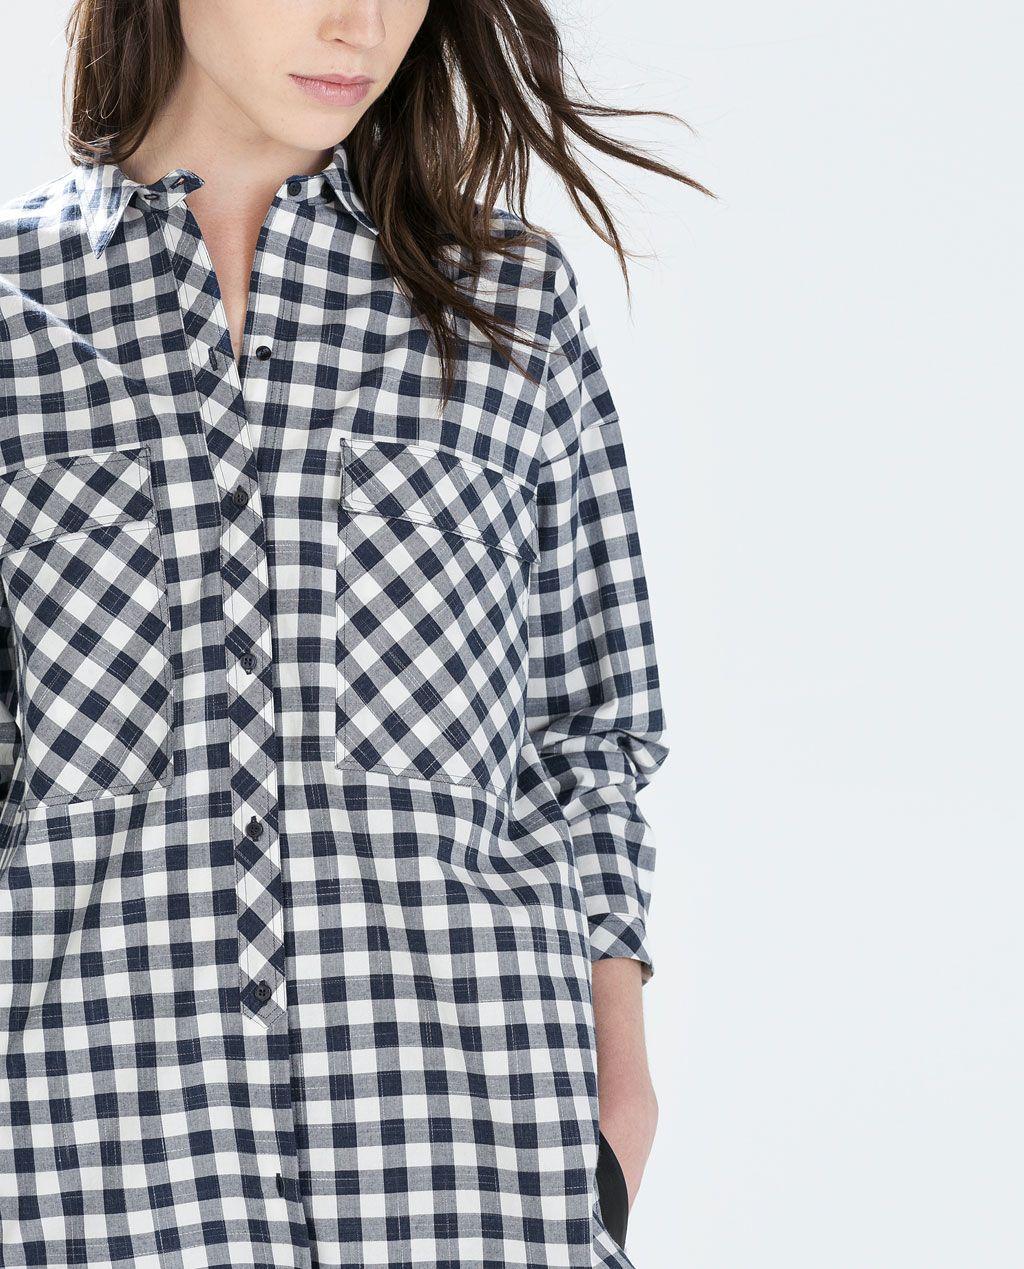 Zara OversizeWishlist Camisa Cuadros Mujer Camisas IWE29DHY